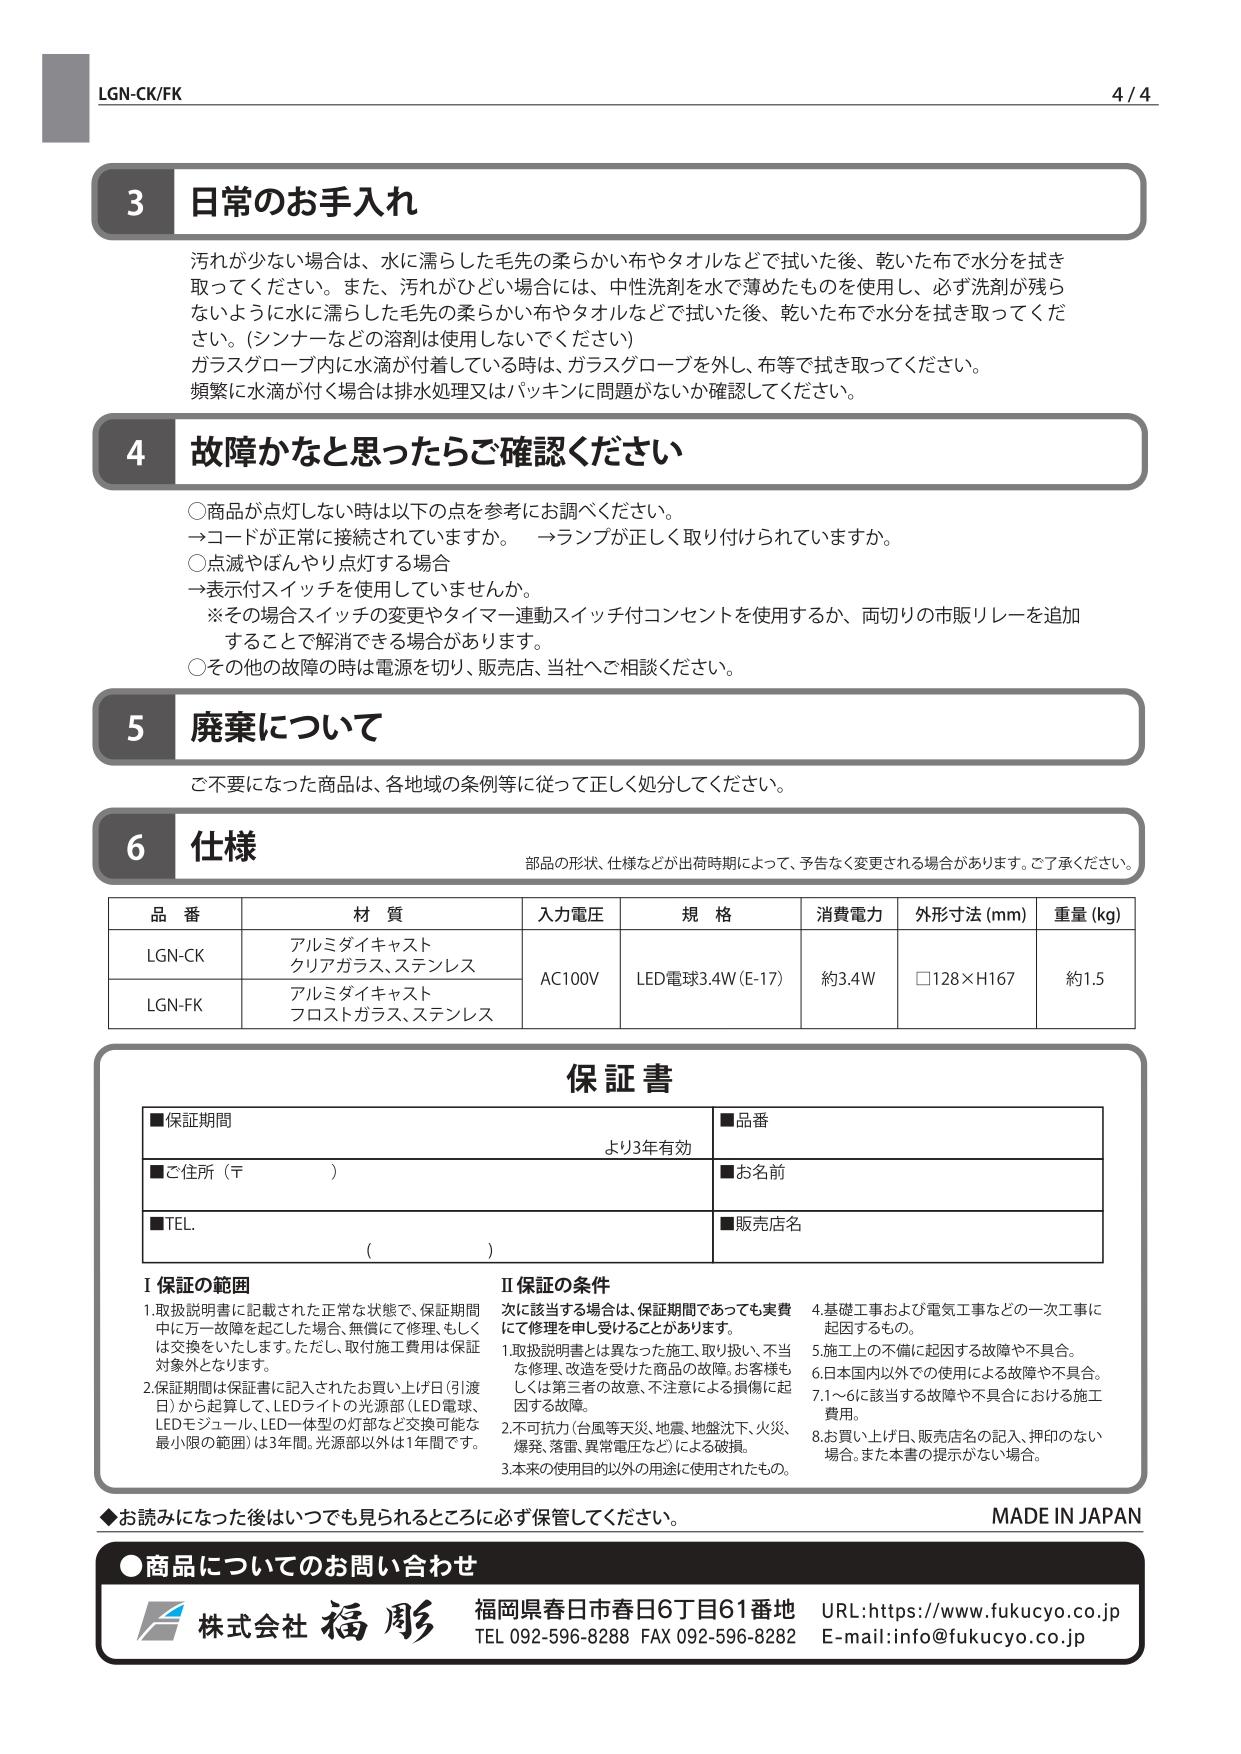 イグニス 施工説明書_page-0004